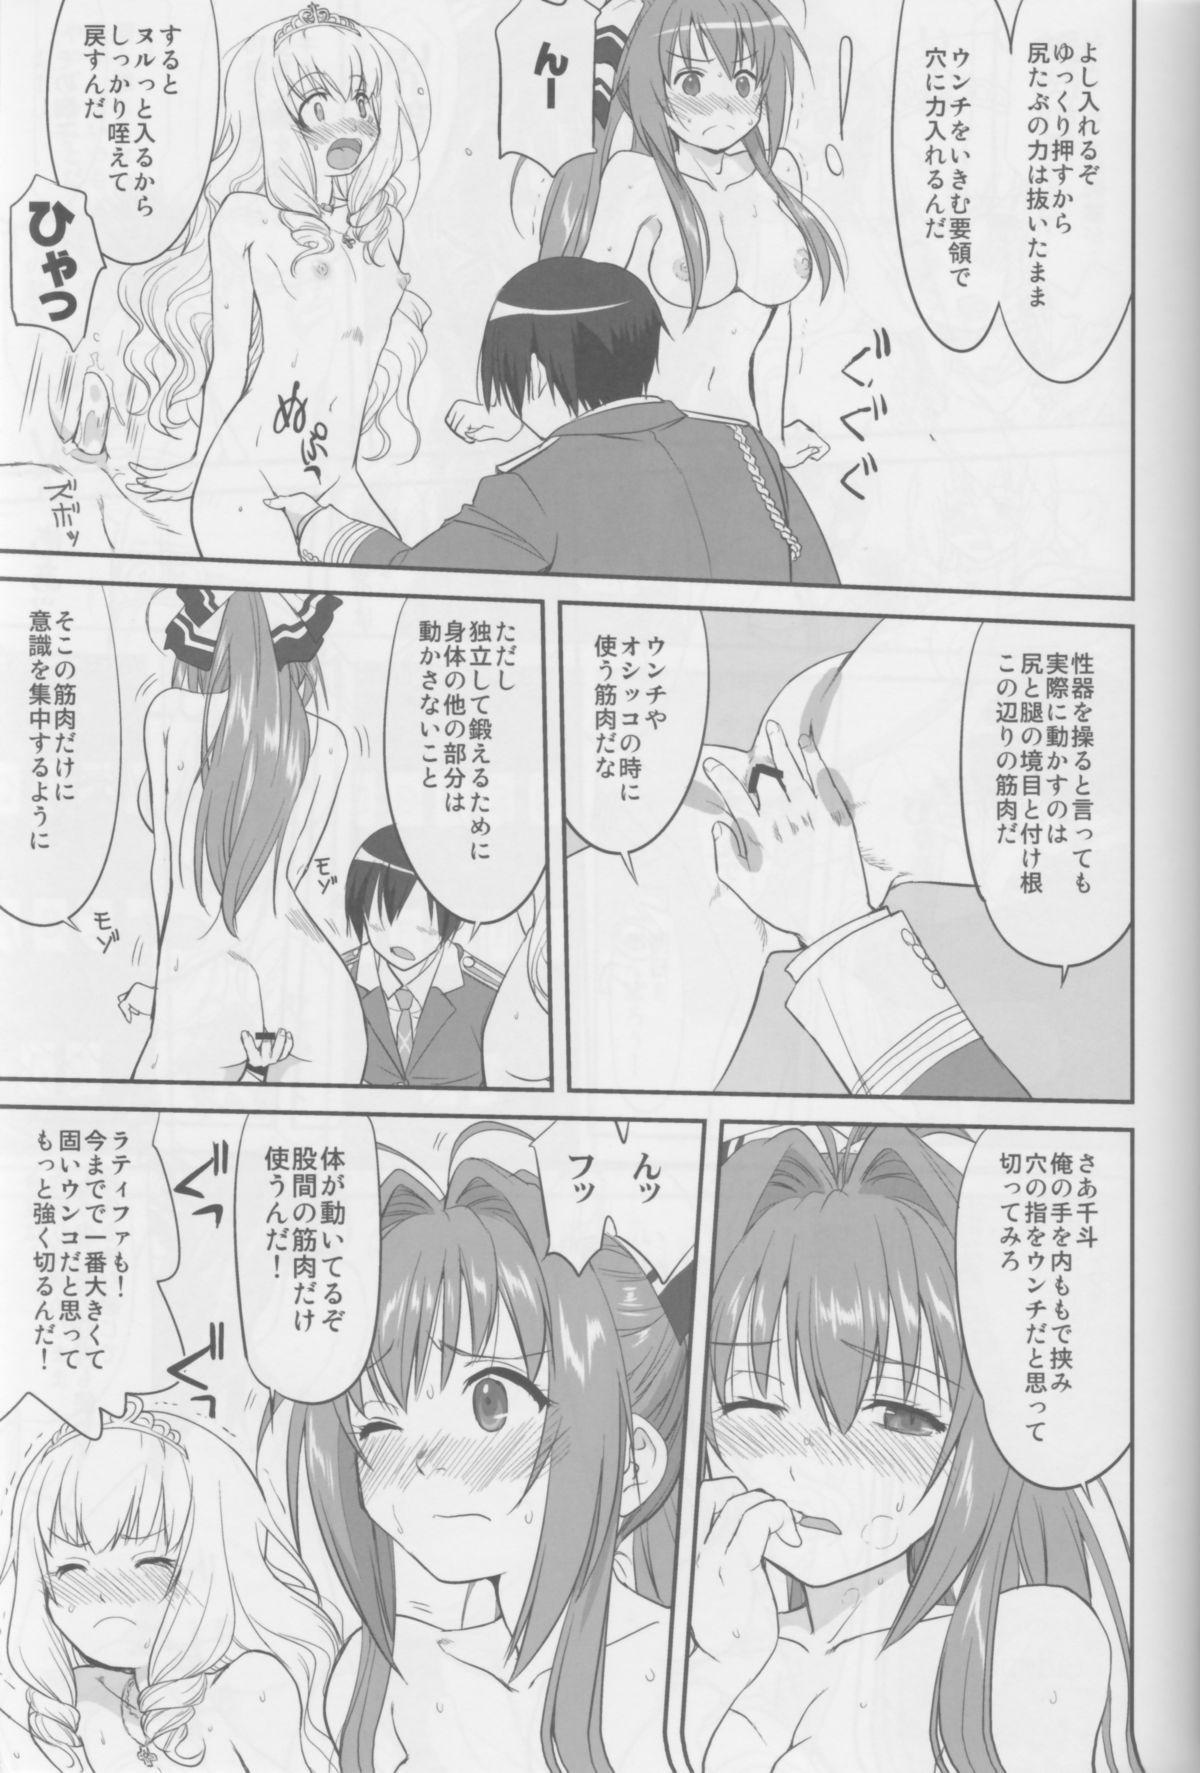 Amagi Strip Gekijou 33